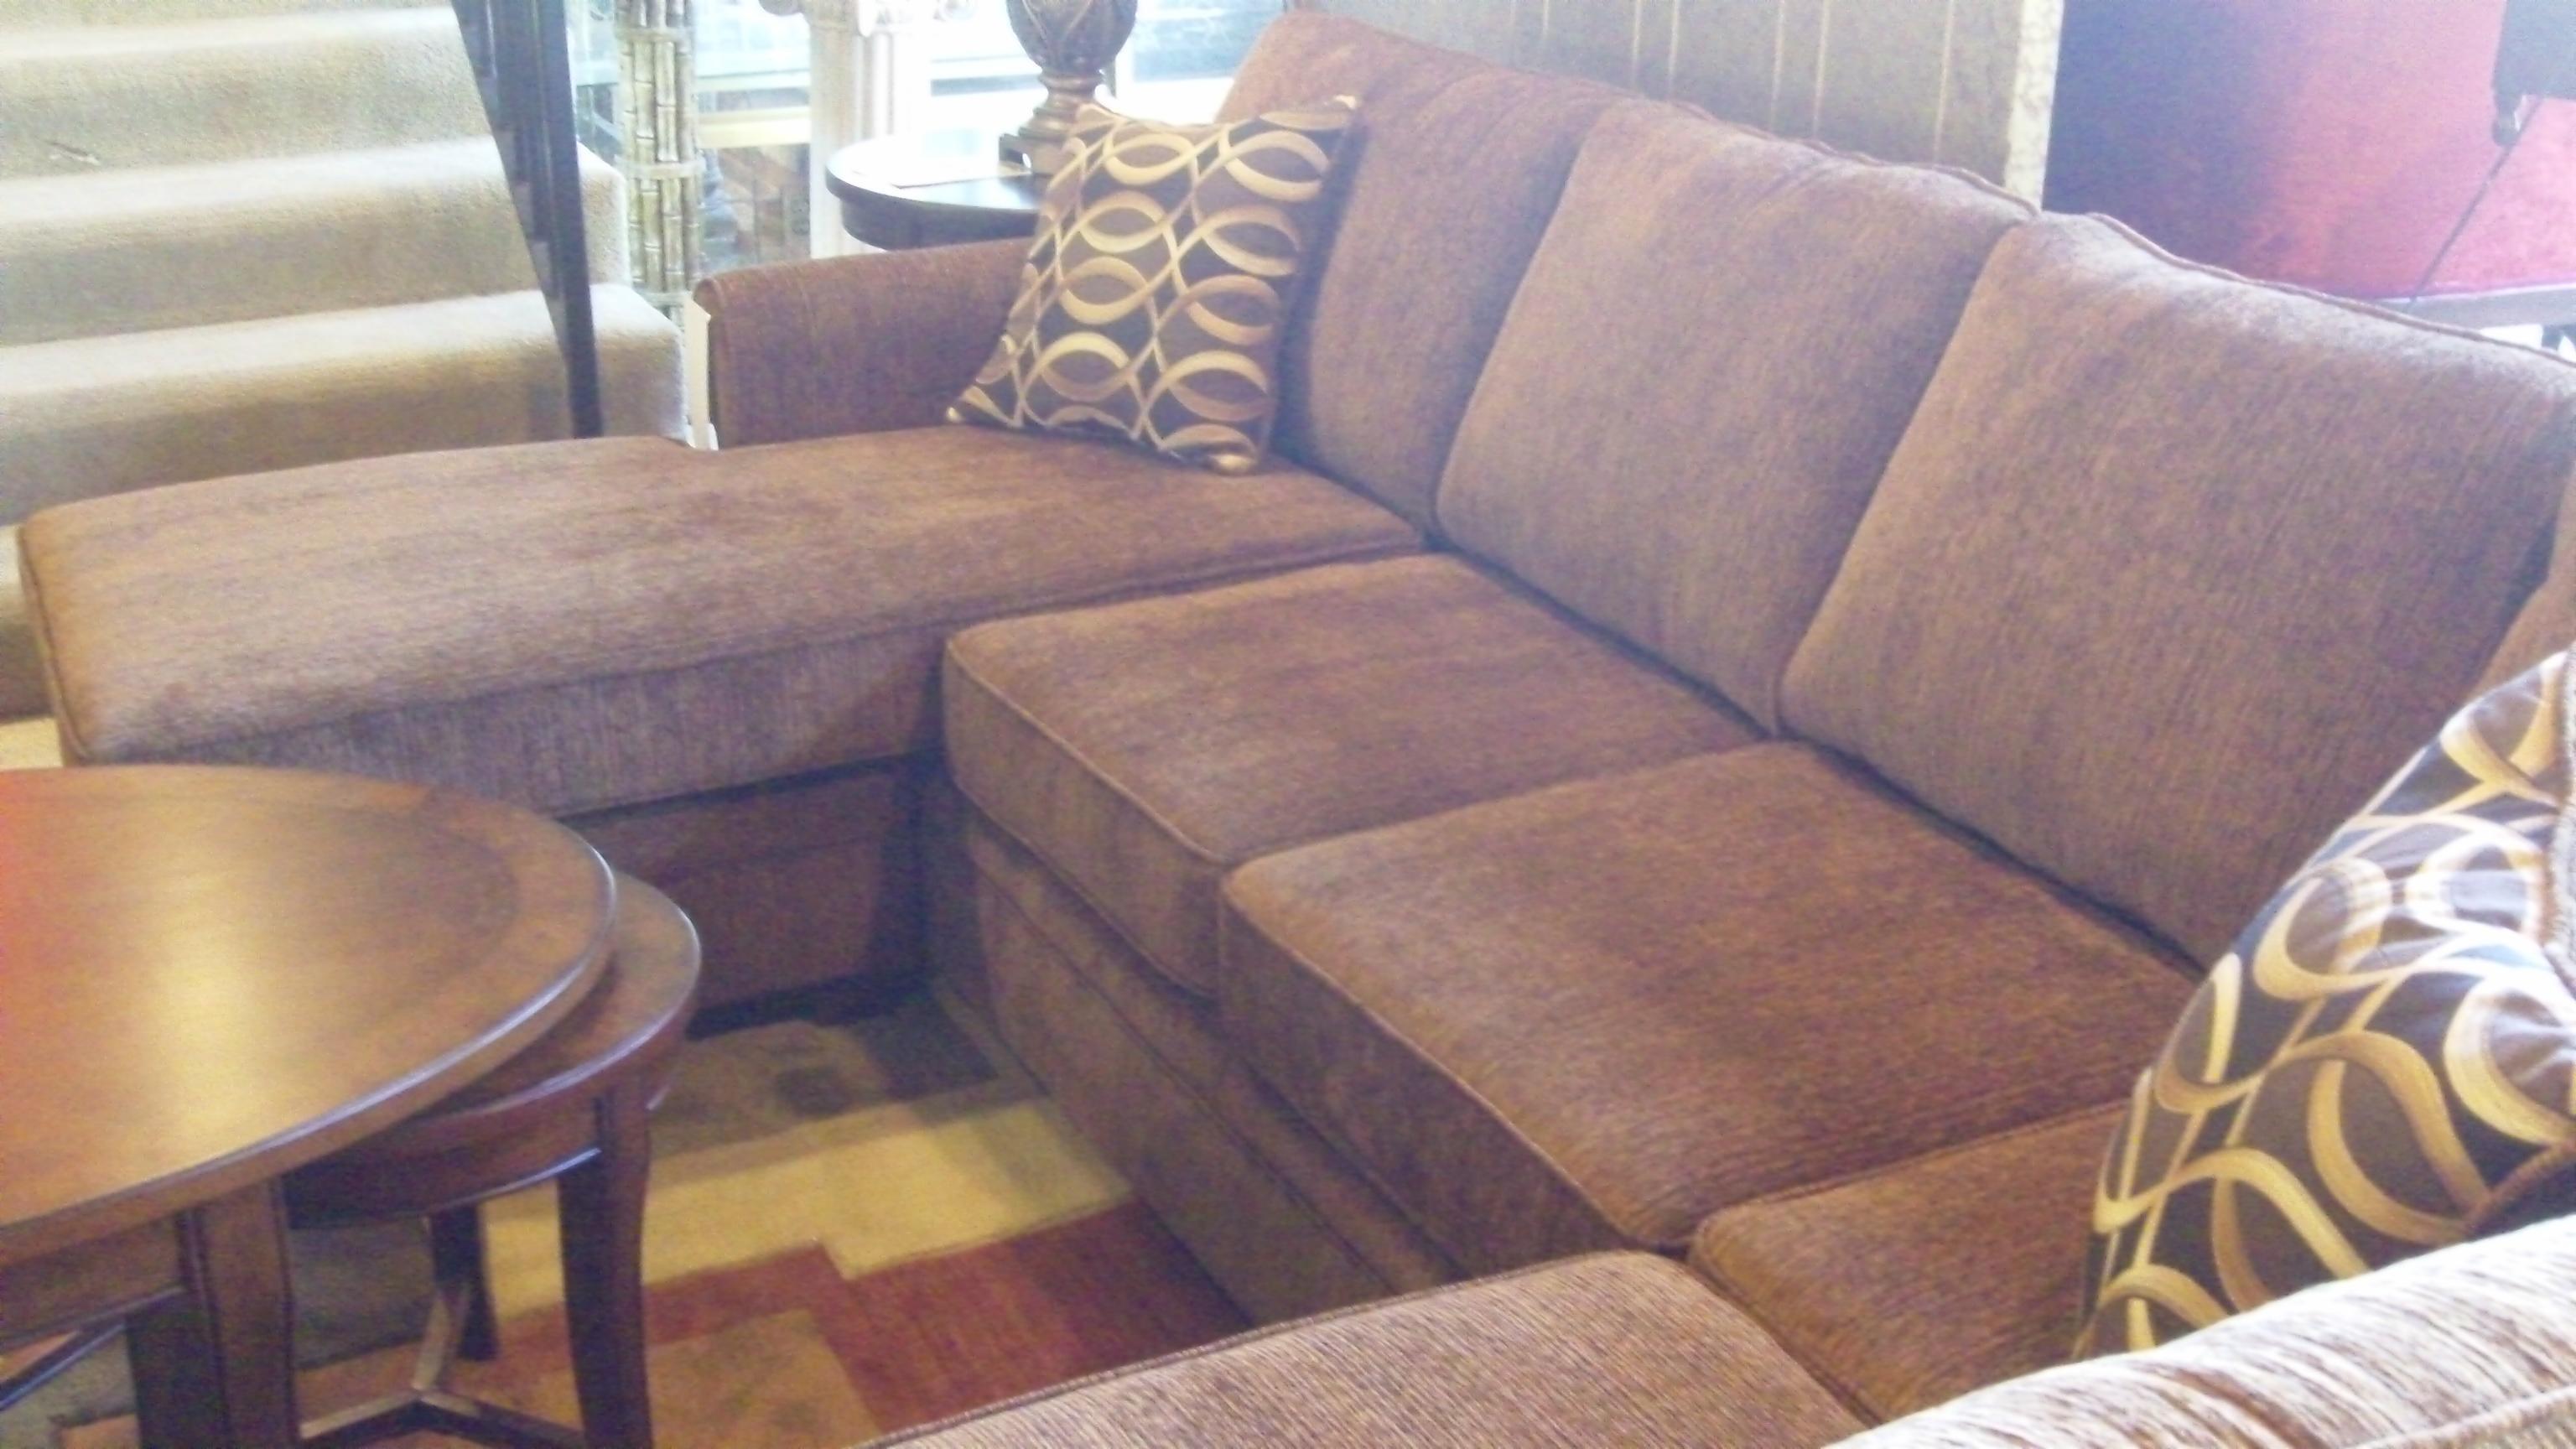 Cheap sofas in houston sofa menzilperde net for Affordable furniture 610 houston